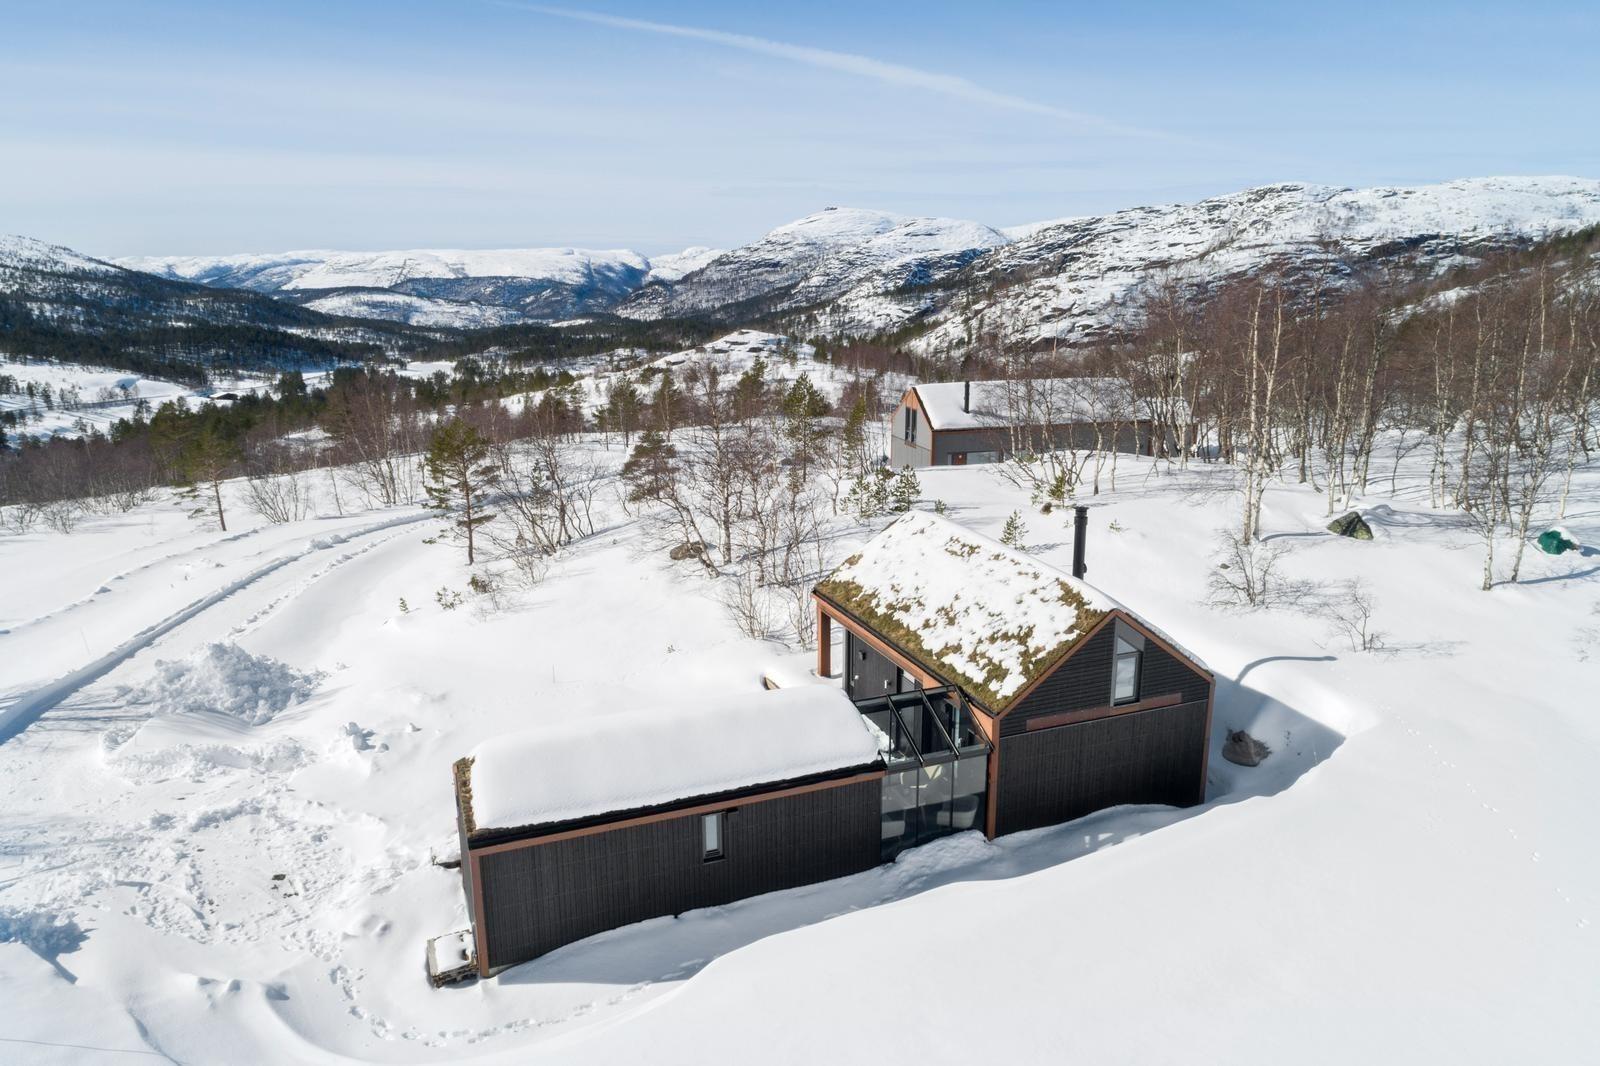 Hattevarden Knaben er et fantastisk hytteområde på høyfjellet        - Her oppføres både de tradisjonelle Buen hyttene, samt helt unike moderne arkitekt tegnede kompakte & smarte hytter. De moderne hyttene bygges kun på Hattevarden (ingen andre steder i v